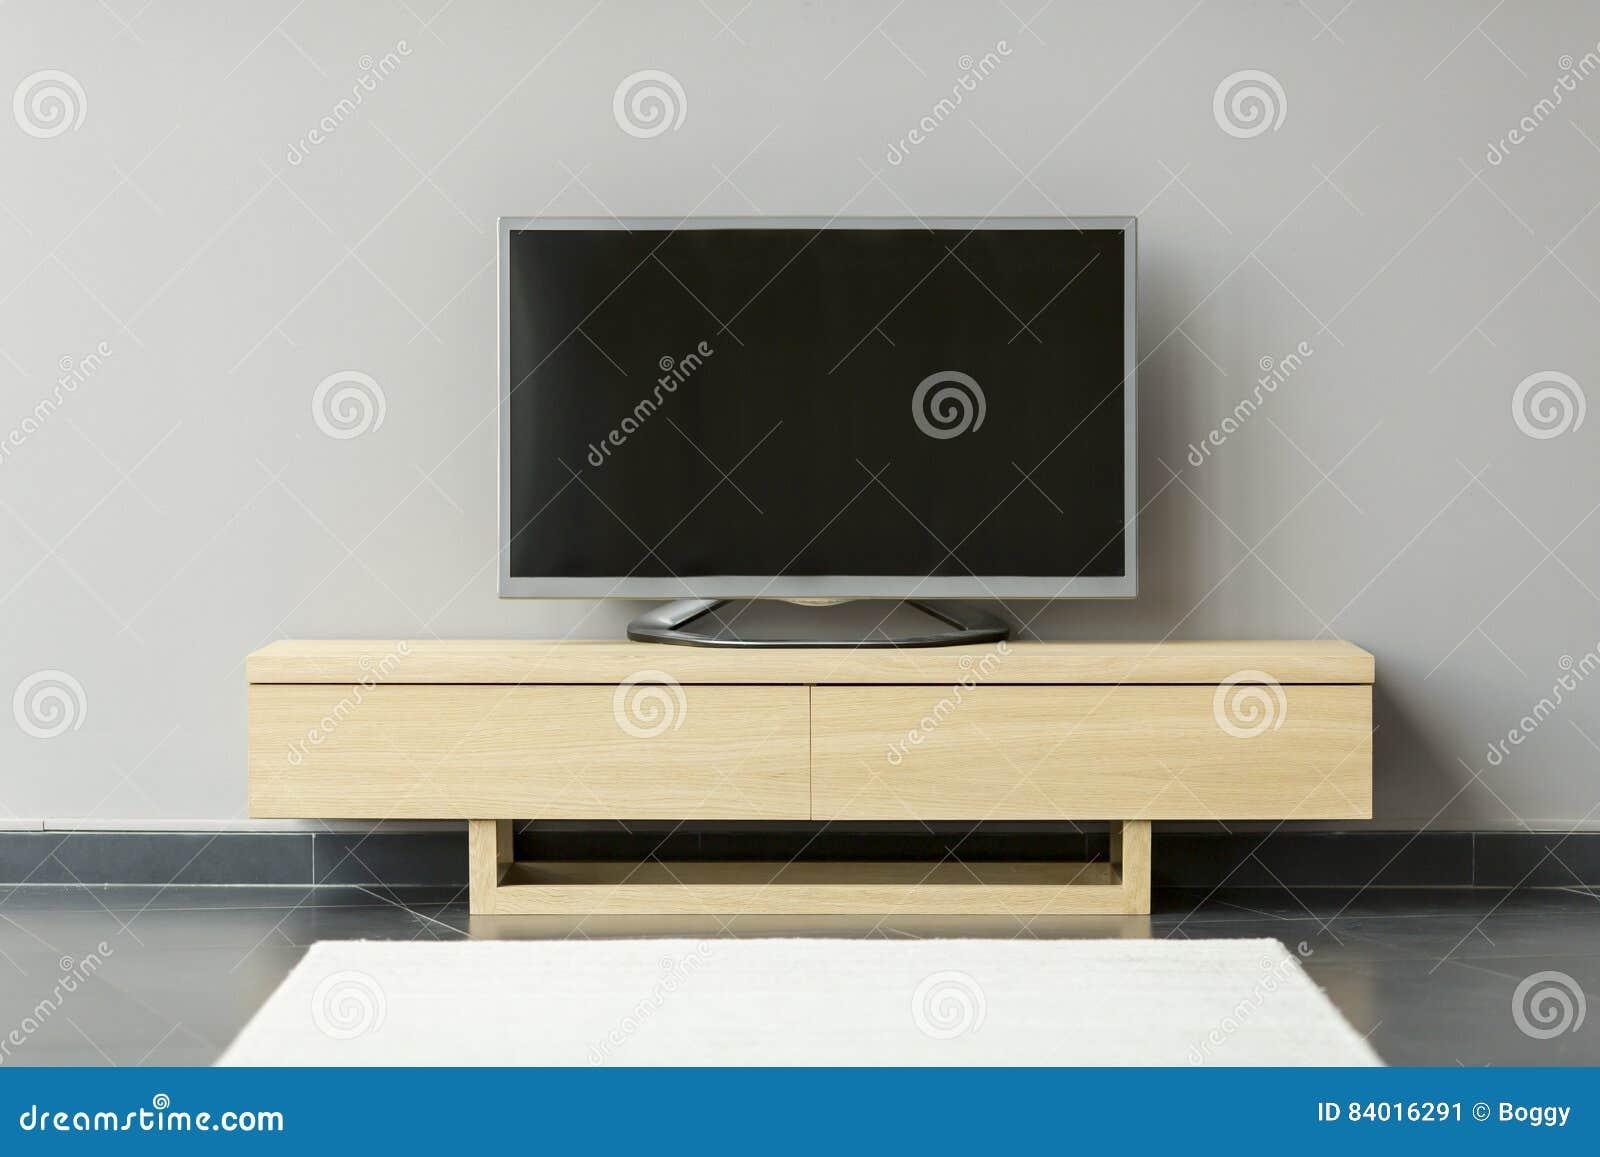 plat tv se tenant sur la commode dans la chambre image stock image du moderne vivre 84016291. Black Bedroom Furniture Sets. Home Design Ideas